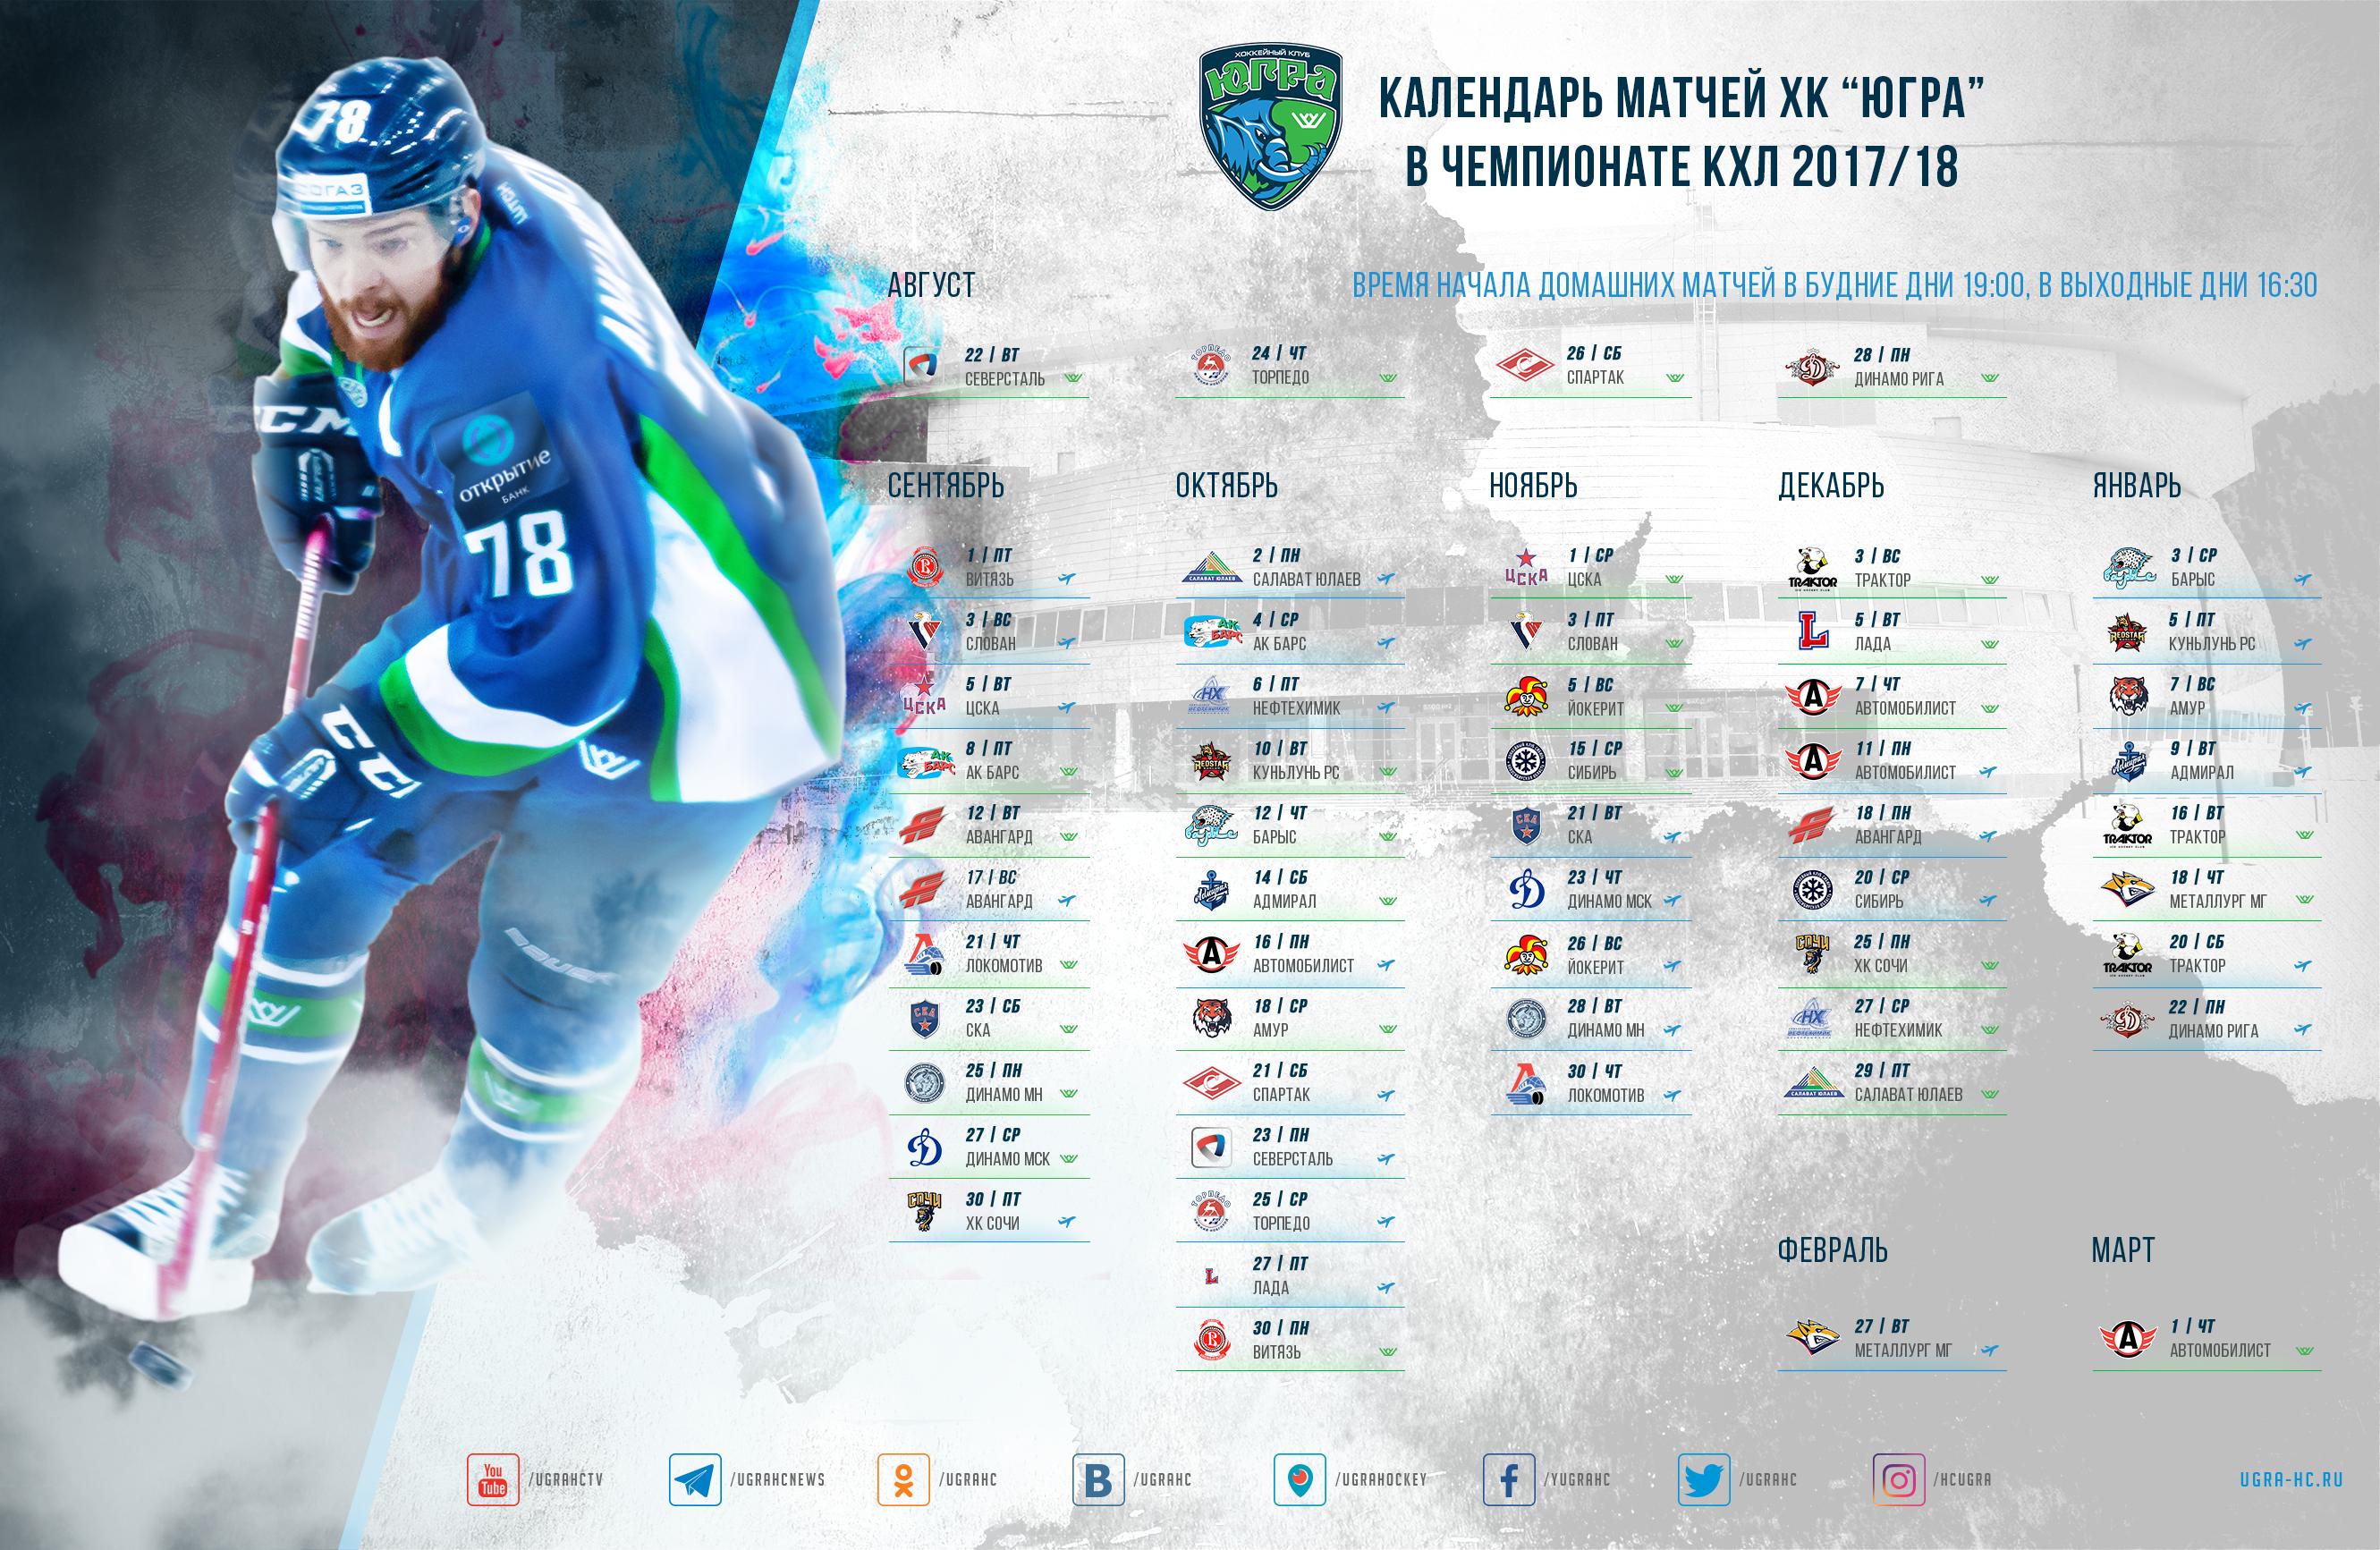 Салават Юлаев: расписание игр 2018 | календарь